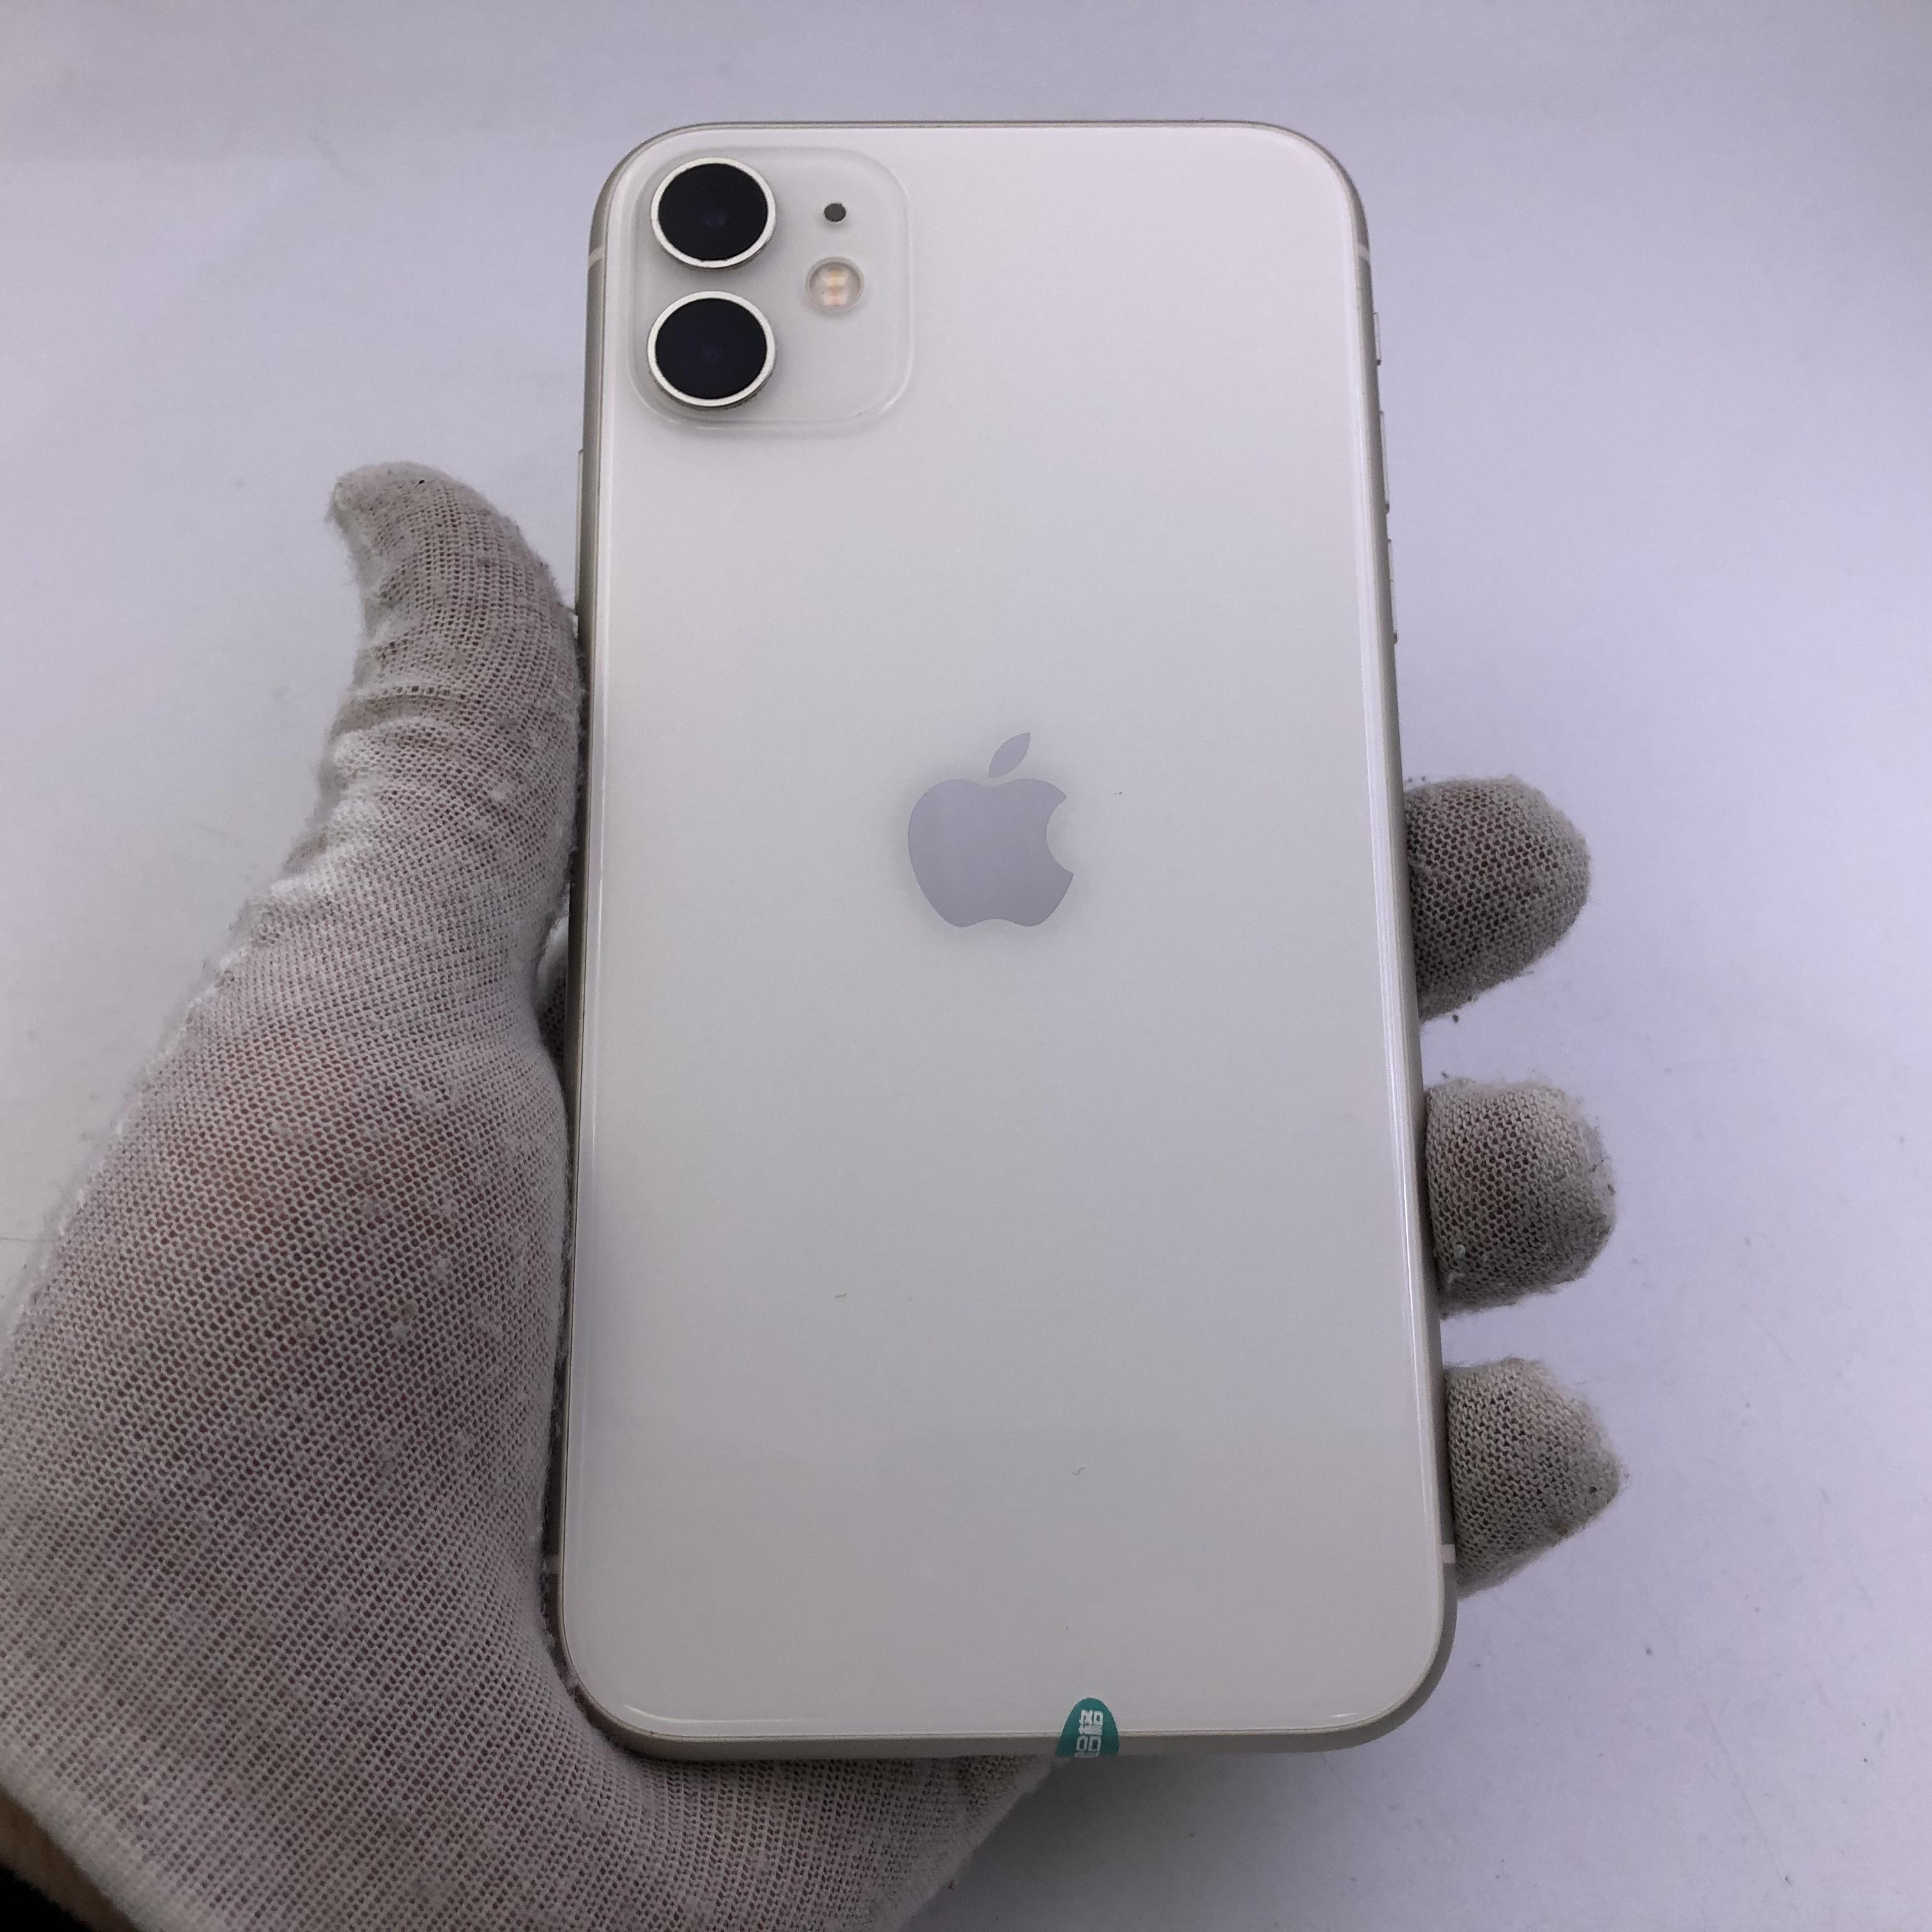 苹果【iPhone 11】全网通 白色 128G 国行 99新